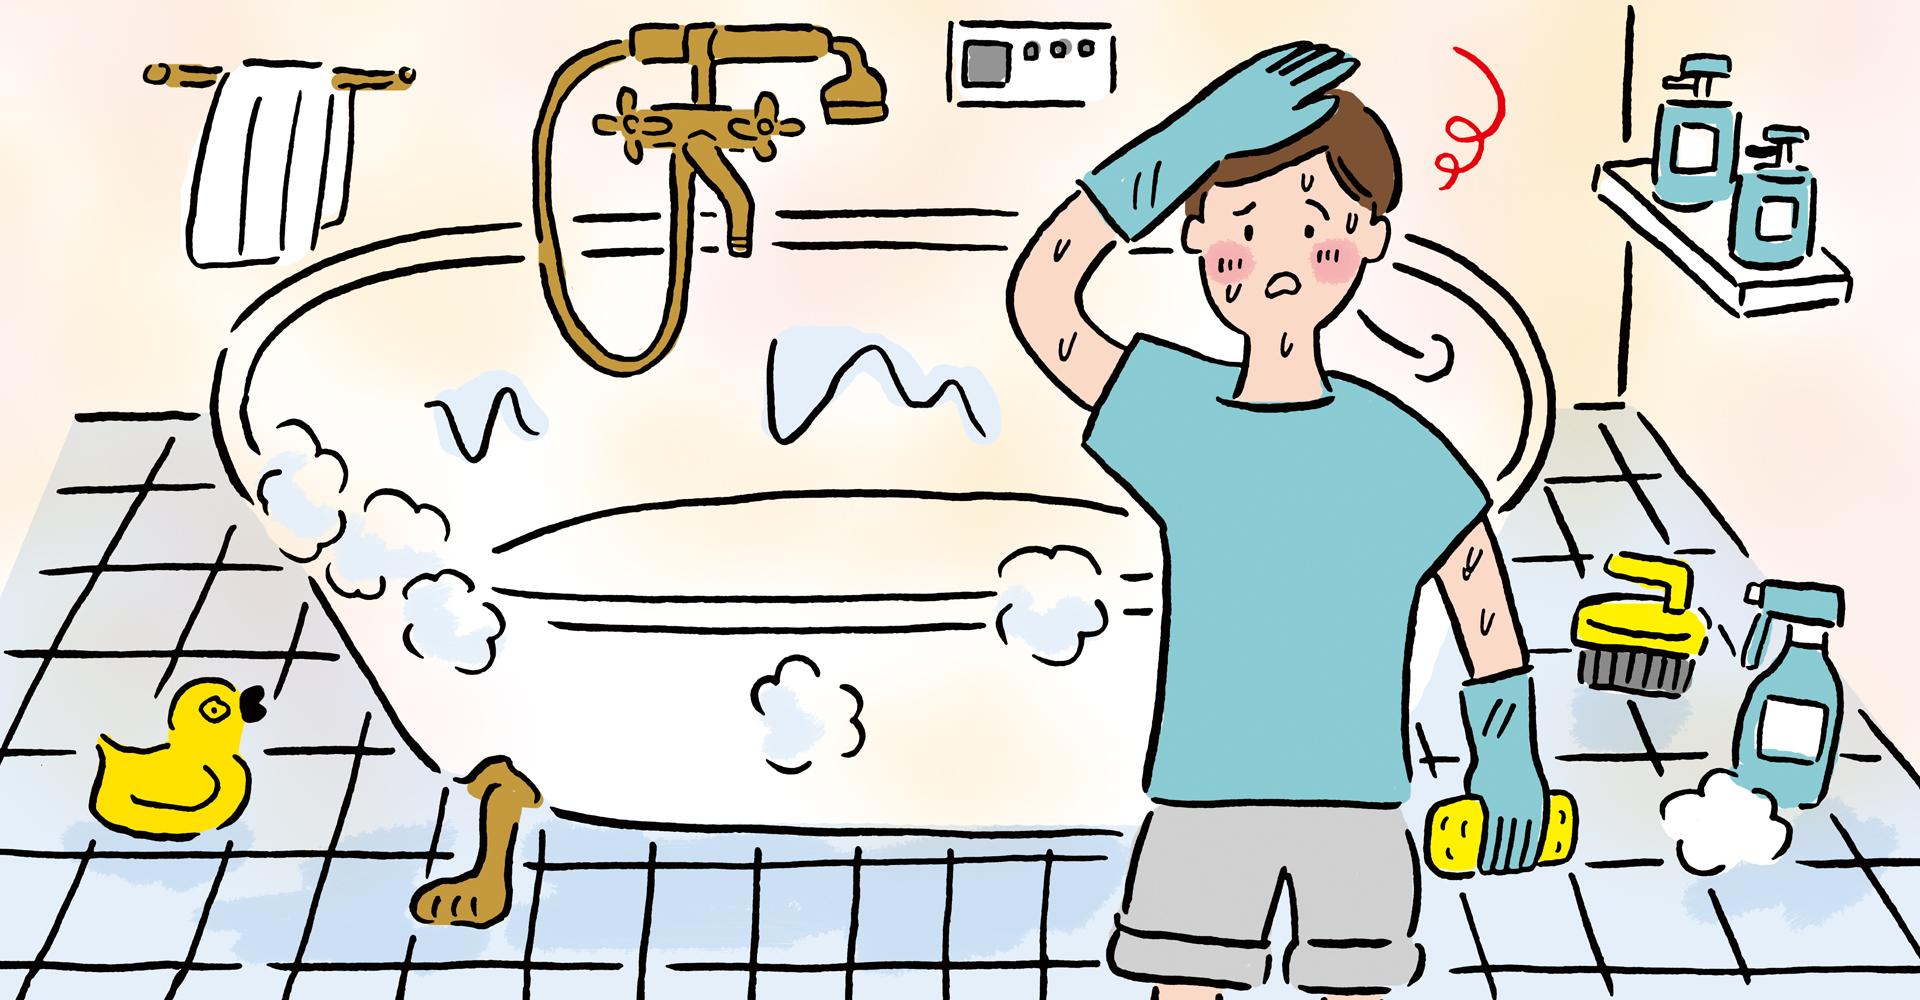 夏のめまいや立ちくらみは「熱中症」の初期症状かも?屋内でも要注意!一覧画像